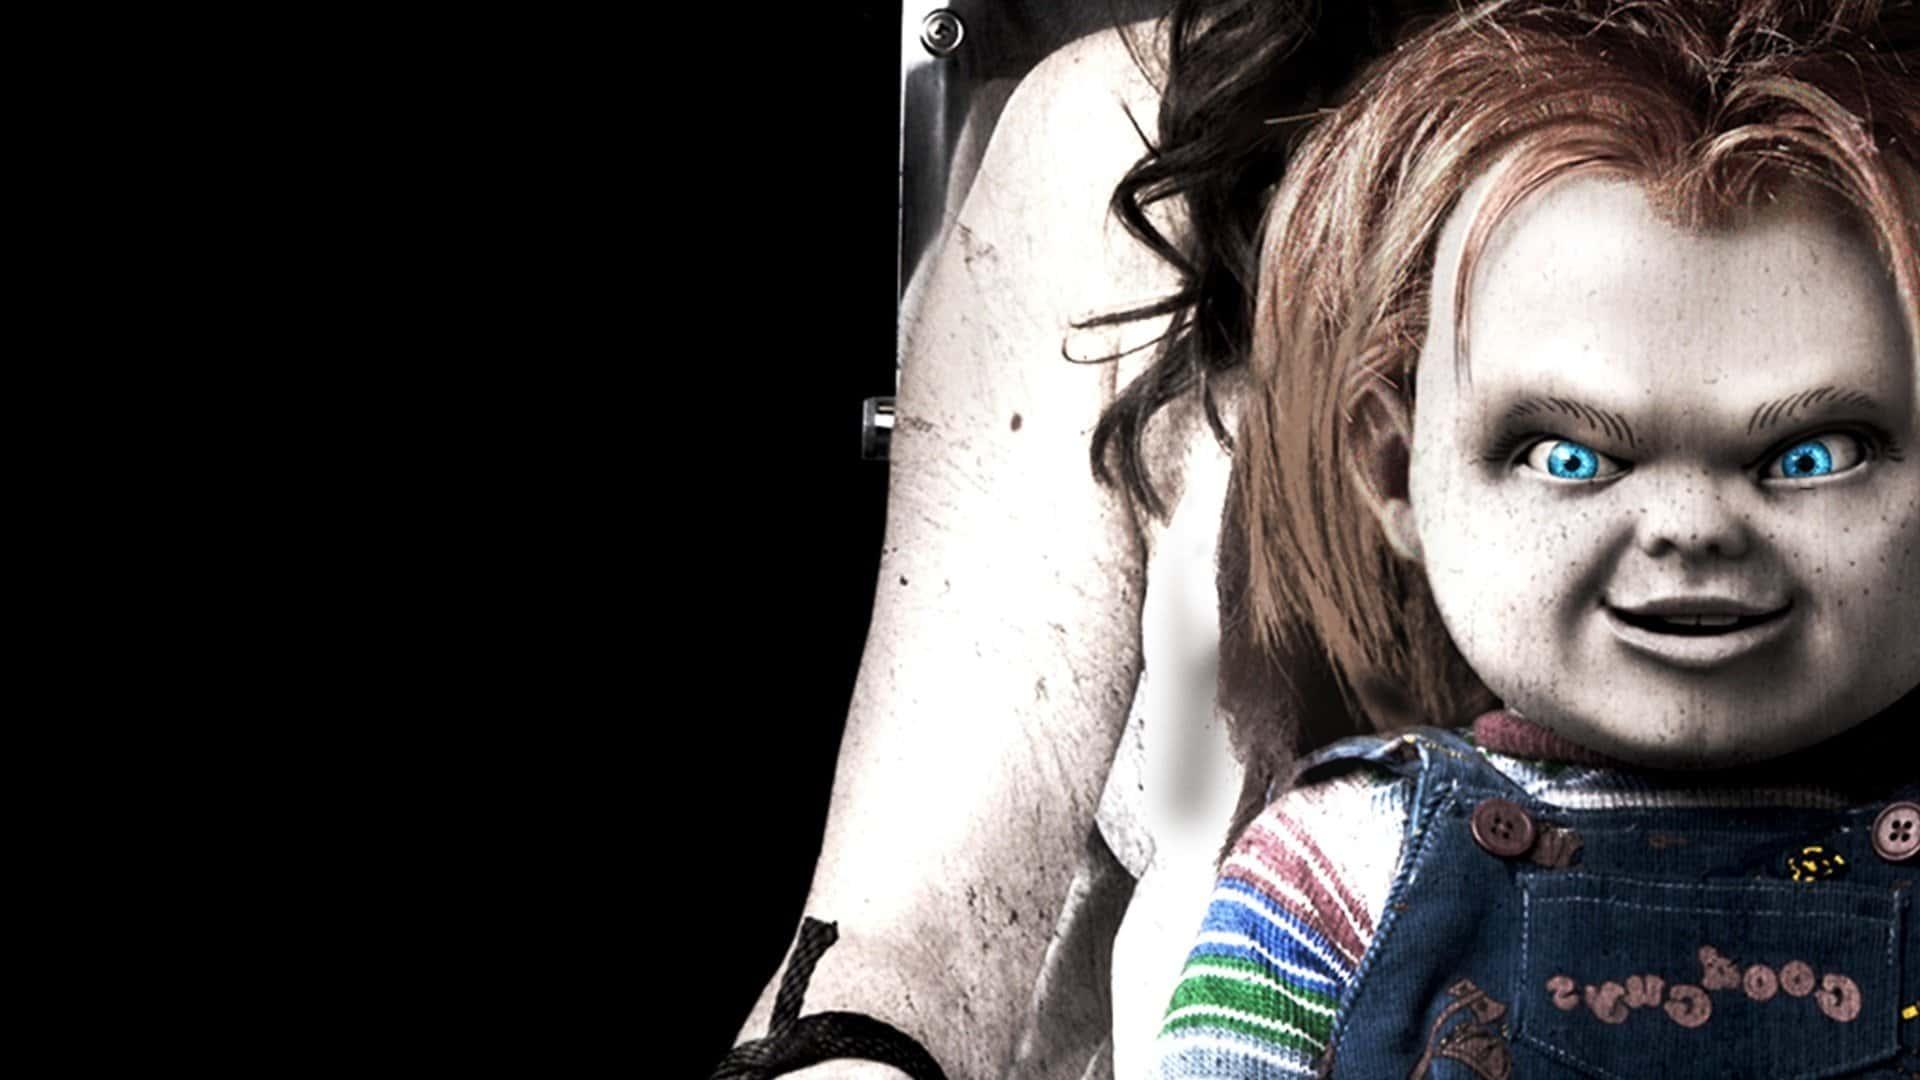 Regarder La Malédiction de Chucky en streaming gratuit